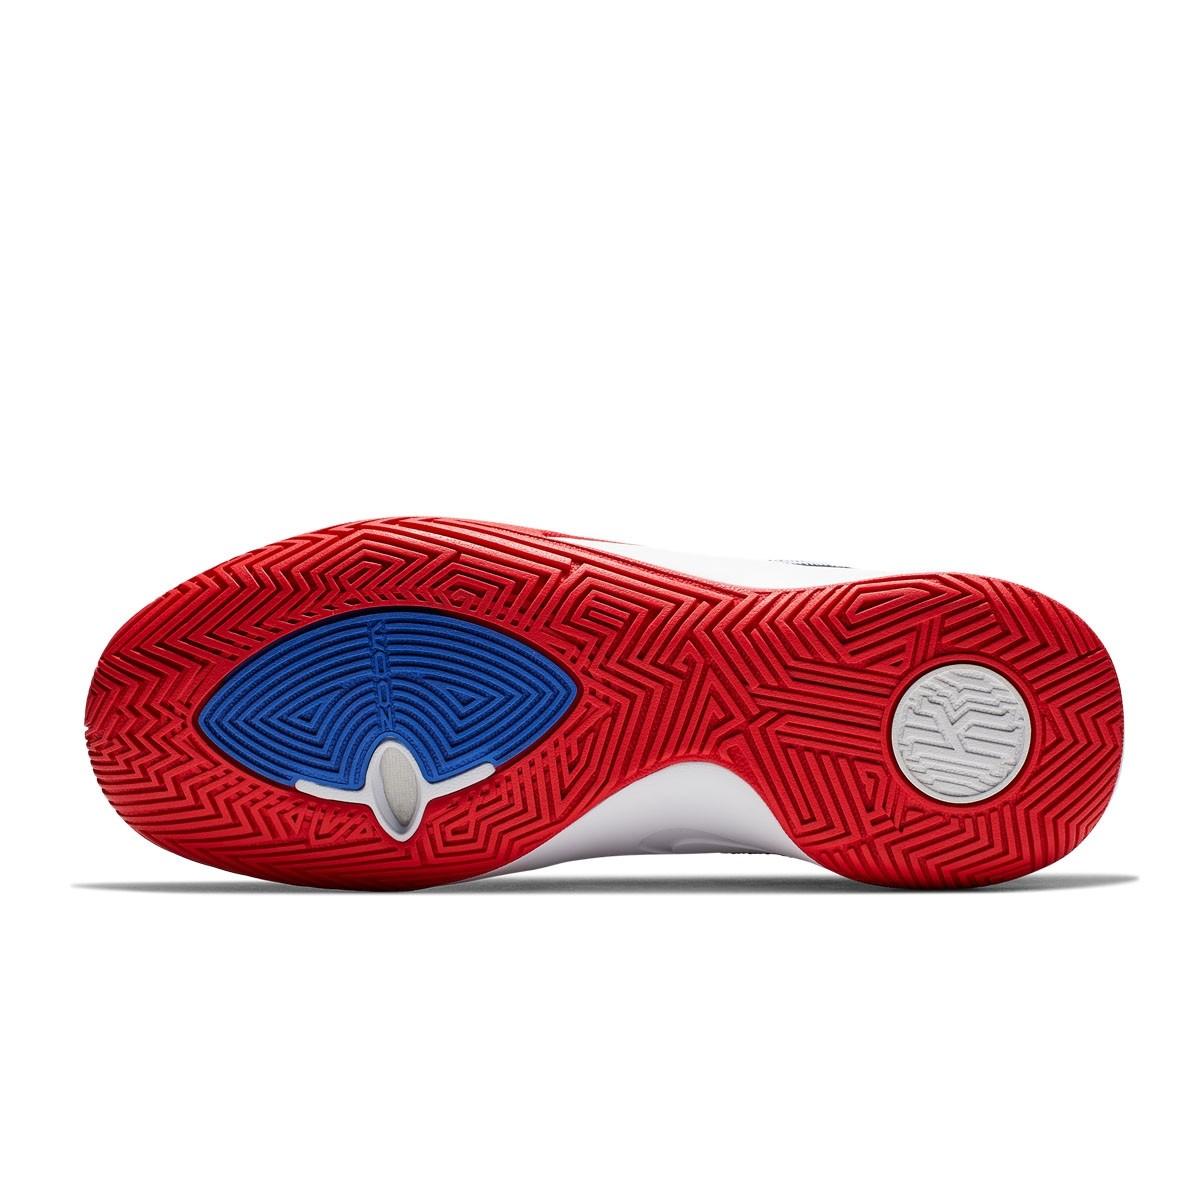 Comprar Nike Kyrie Flytrap II 'USA' AO4436-401